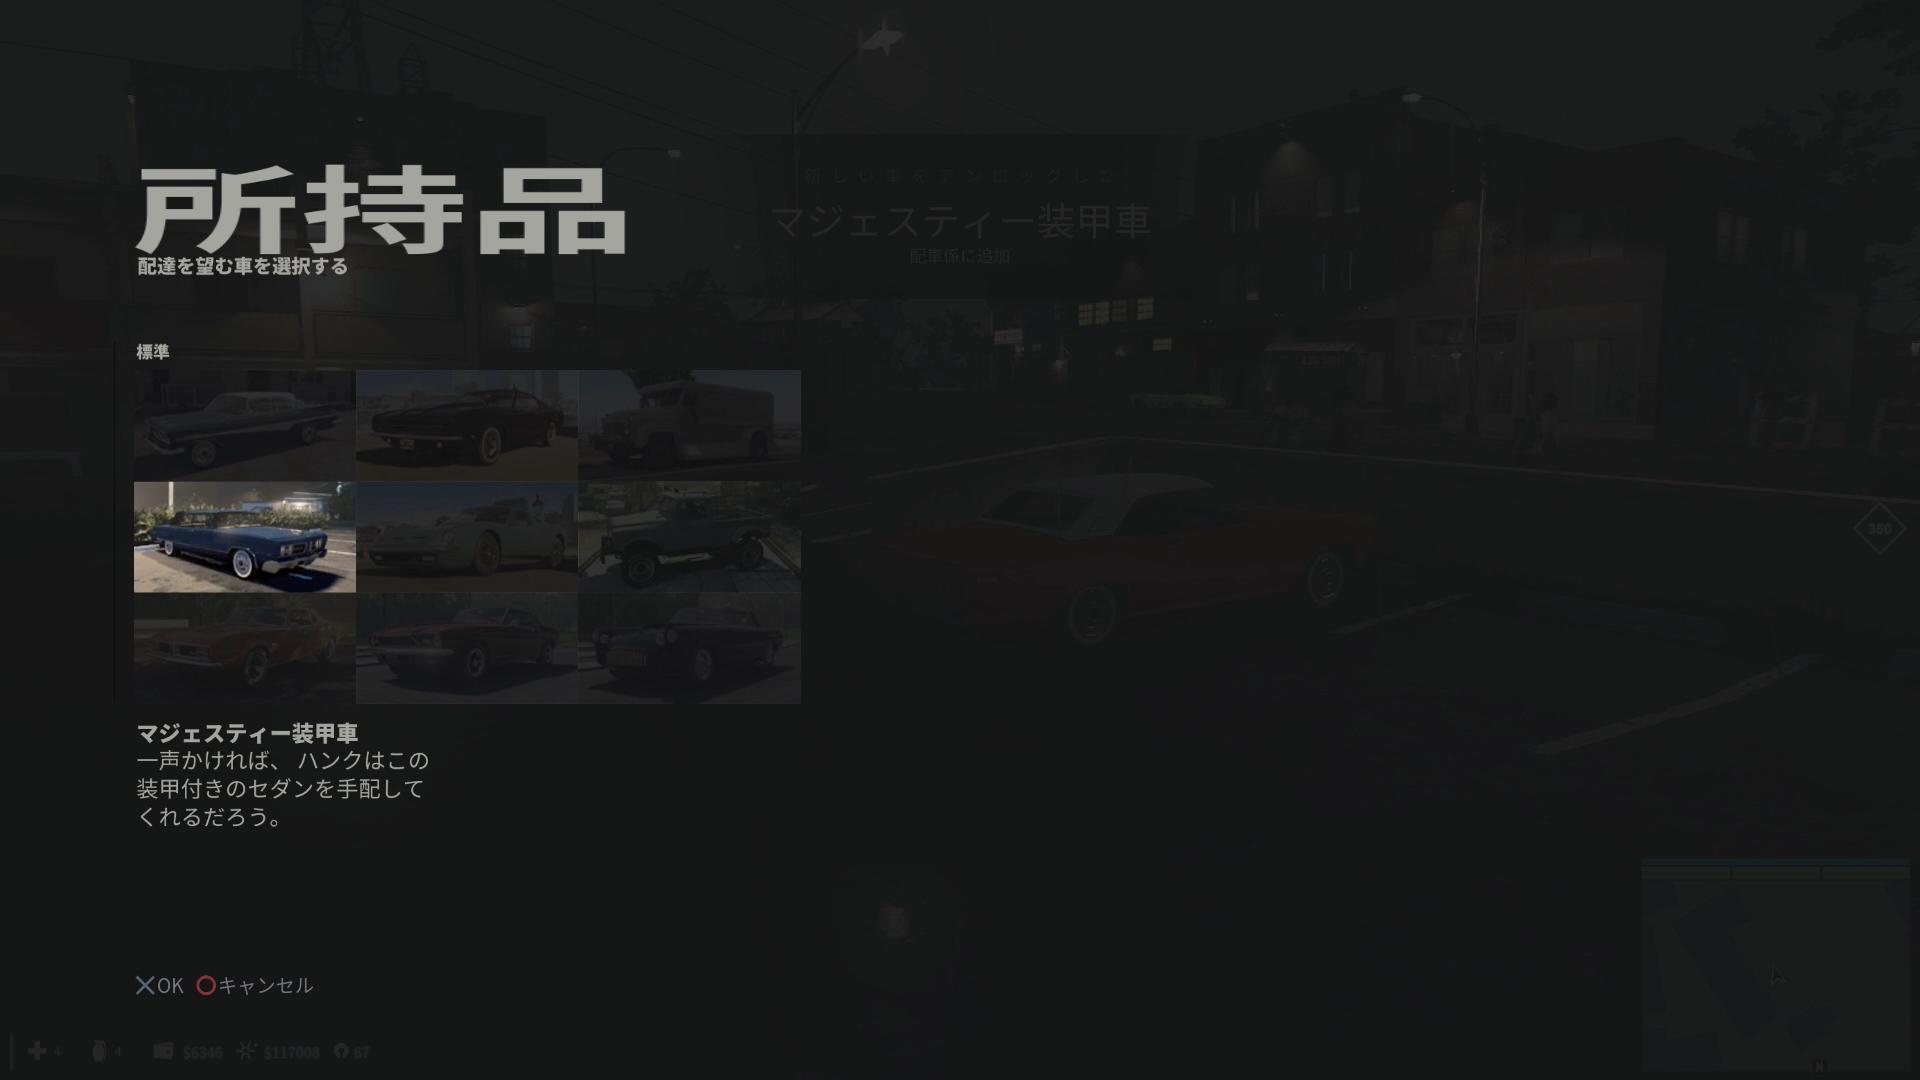 DLCを含めると配車可能な車は全部で9種類。最下段の3台はDLCのコードを入力すると現れる。中段の3台はそれぞれ一部の地域を制圧するごとにアンロックされる